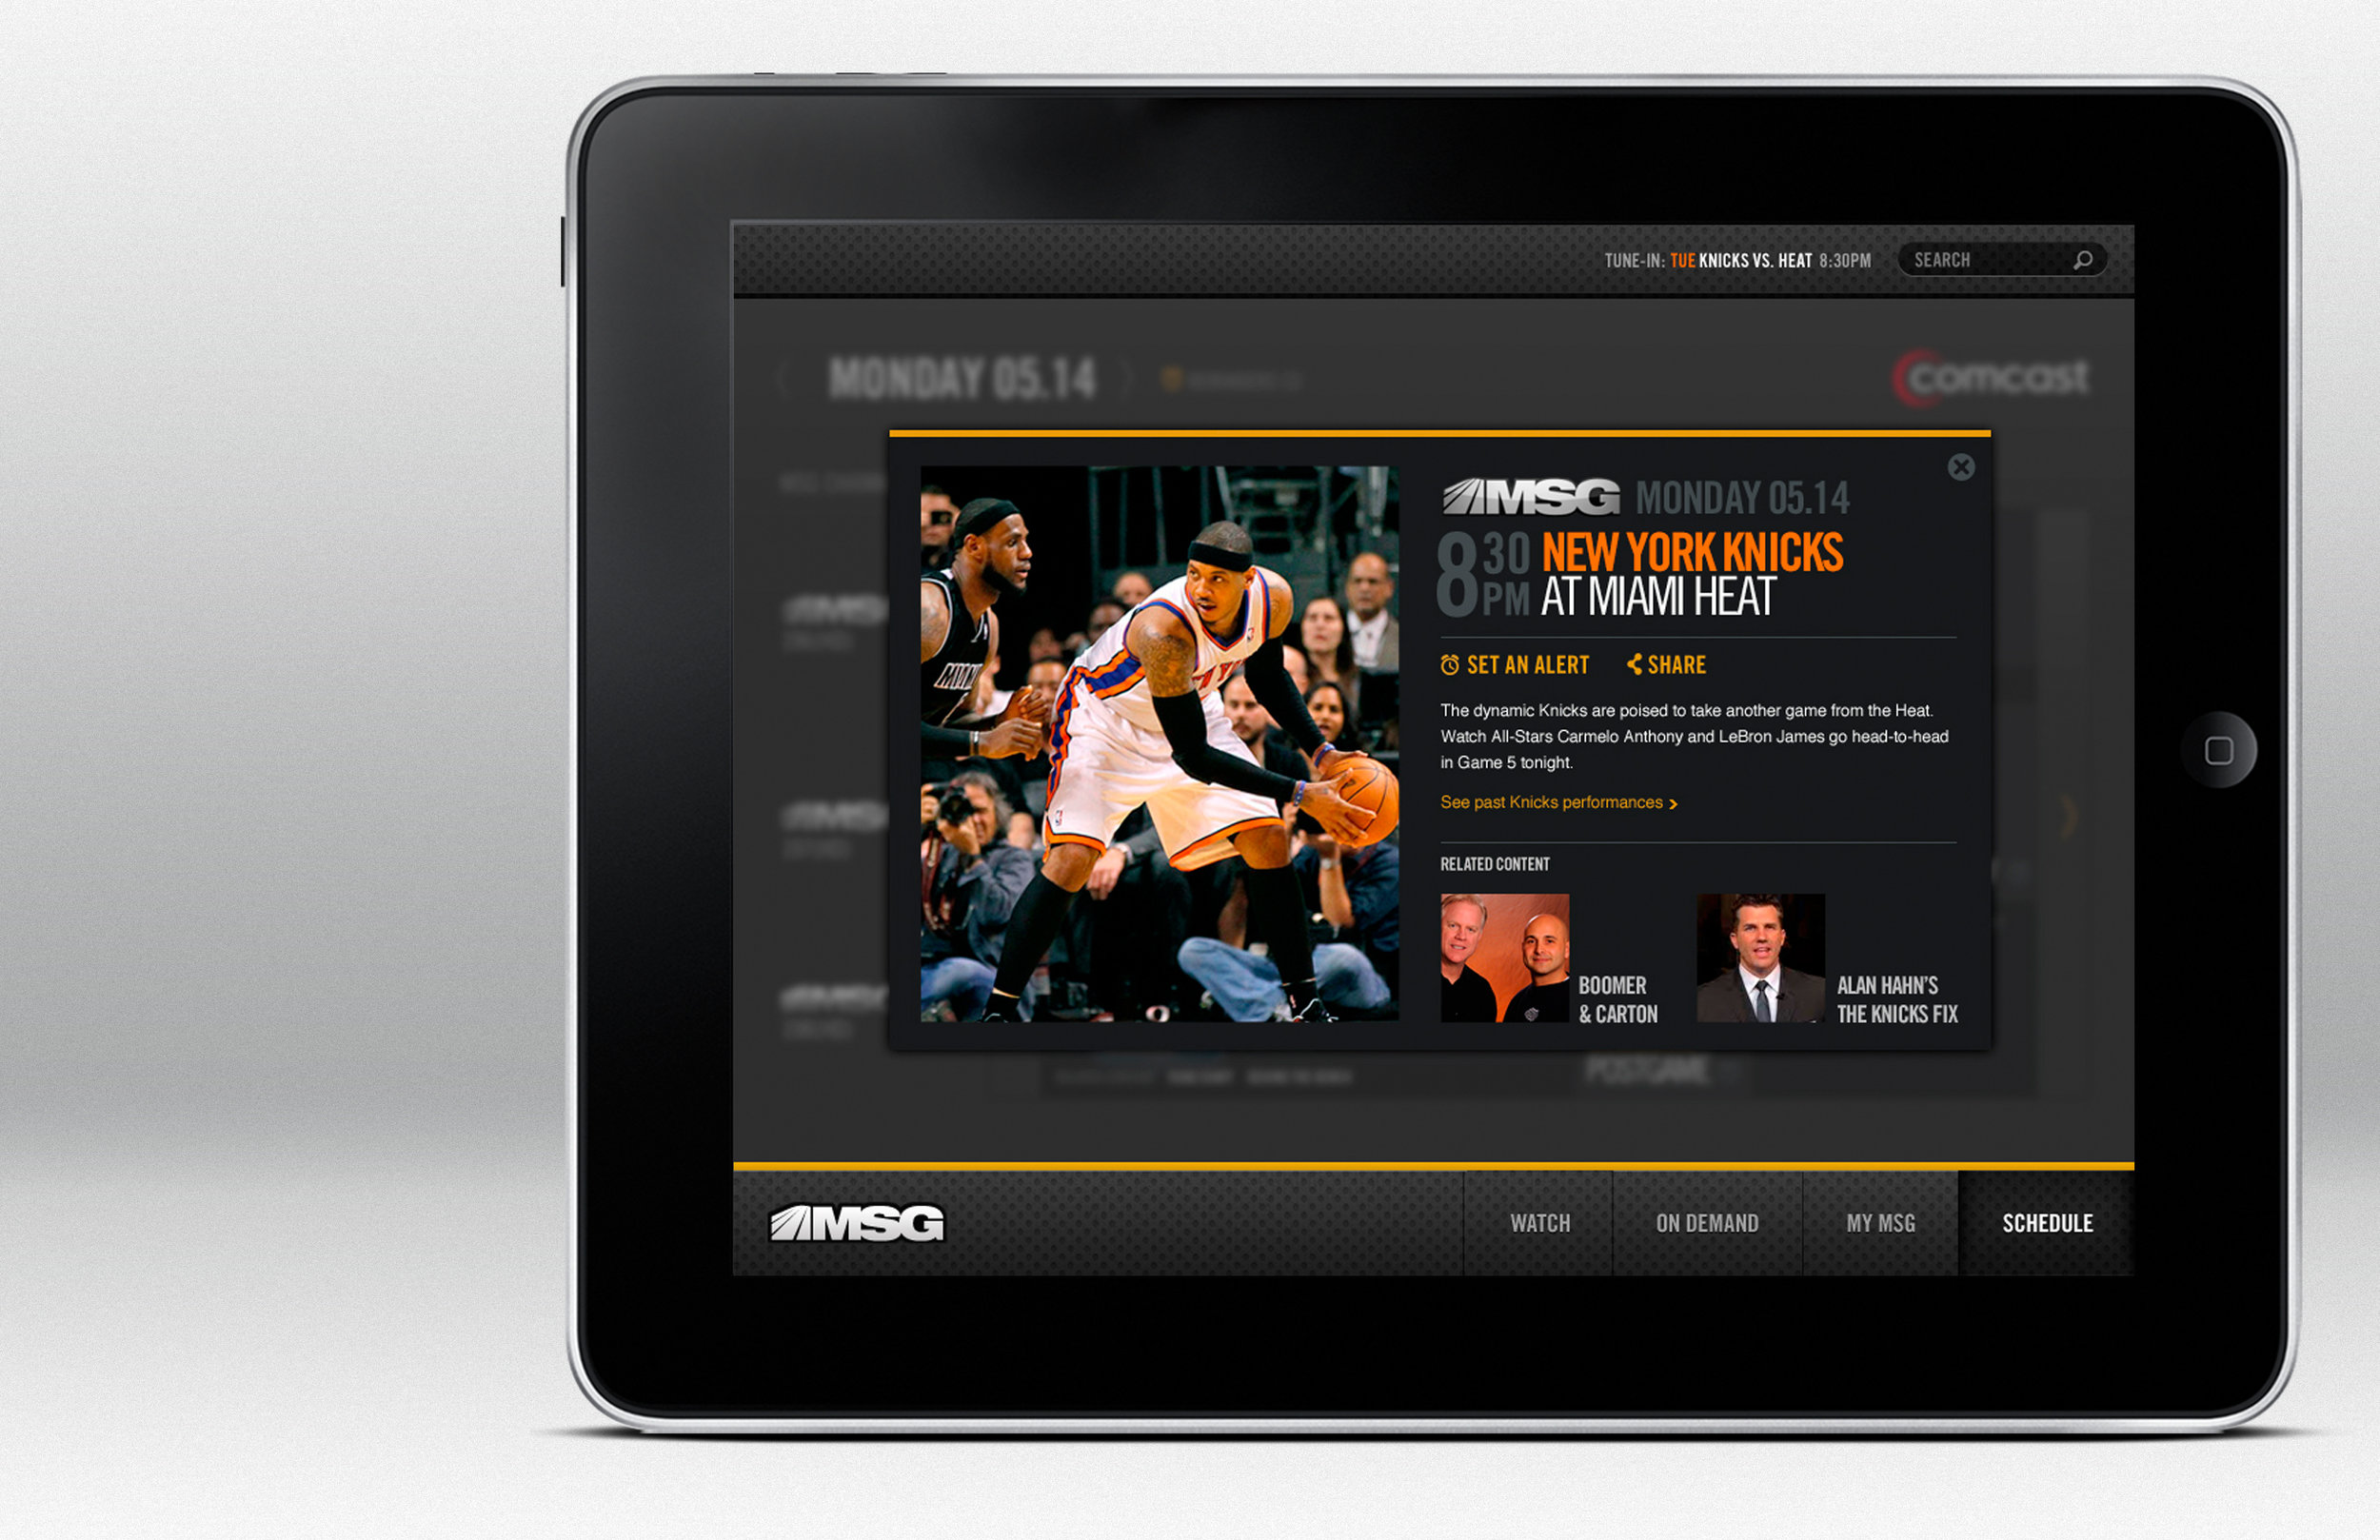 MSGGO_iPad10_scheduledetail.jpg